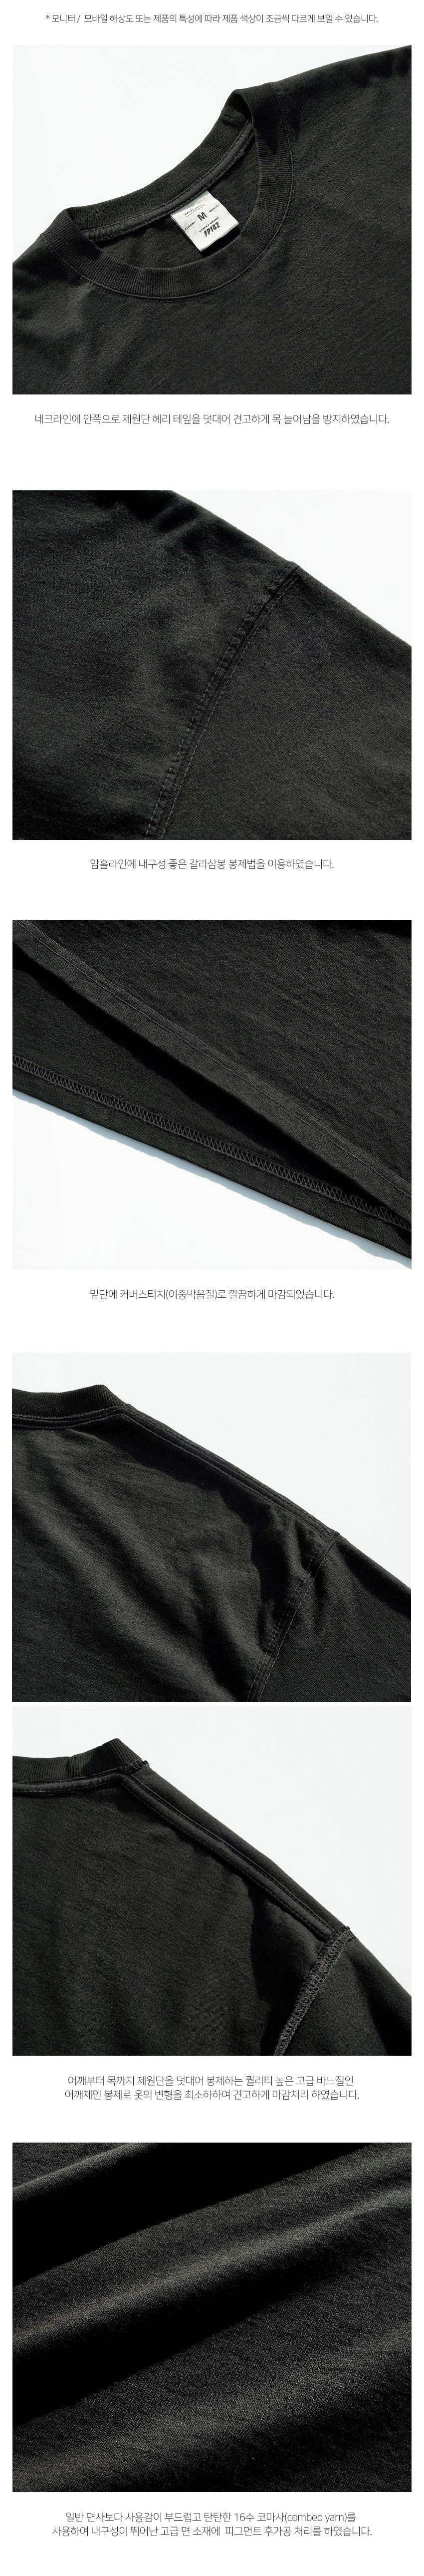 5_SJST1267_detail_black2_sn.jpg